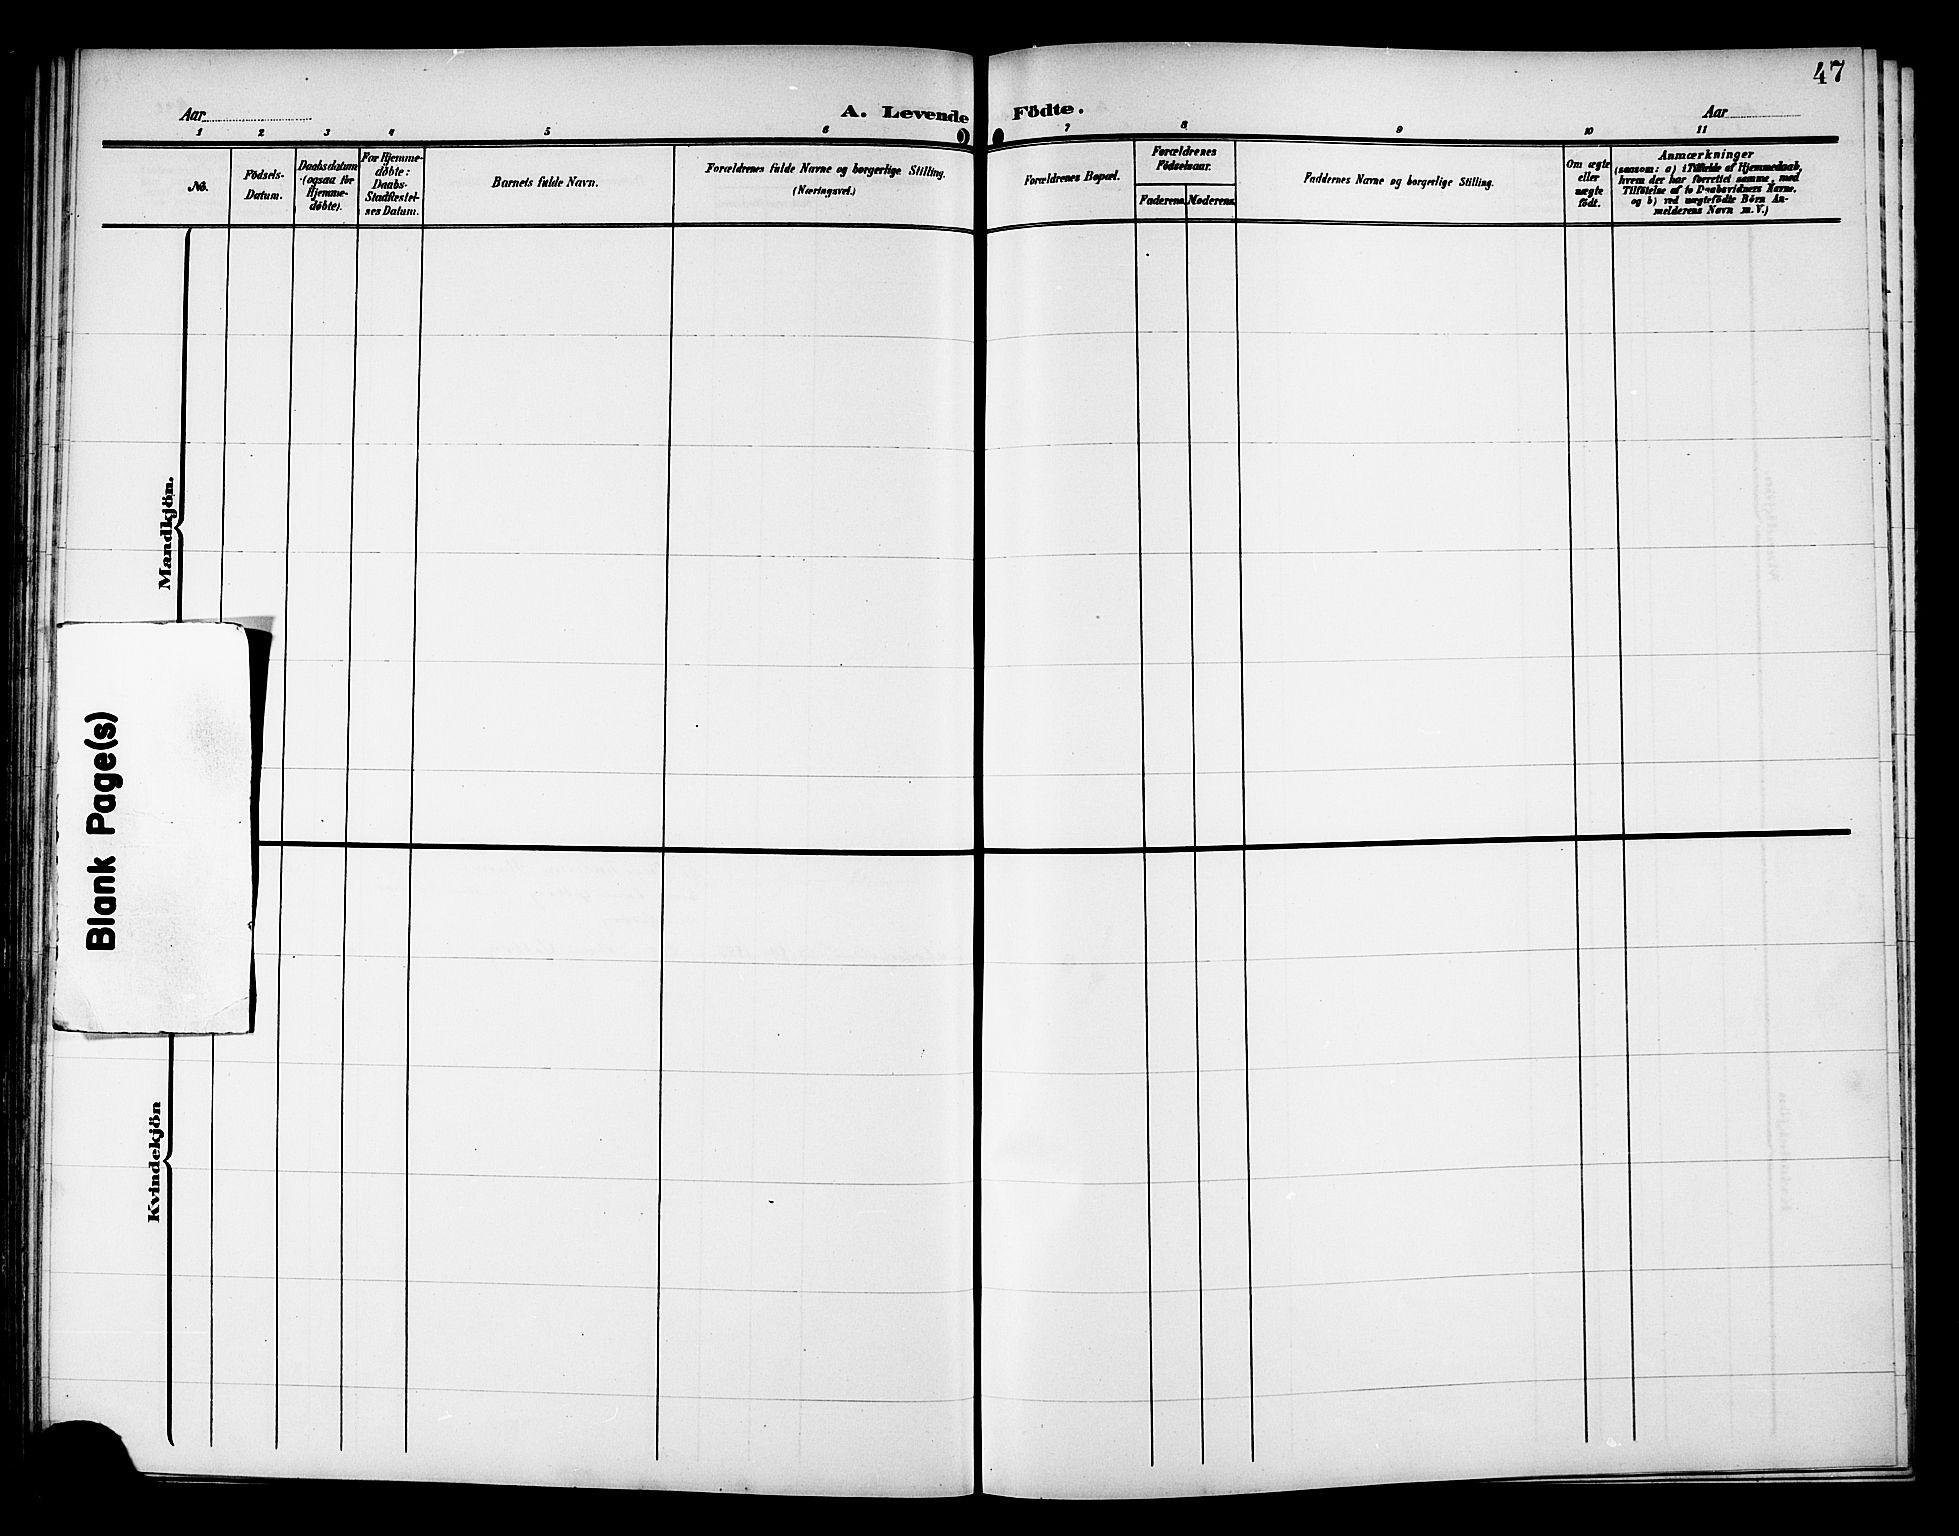 SAT, Ministerialprotokoller, klokkerbøker og fødselsregistre - Nord-Trøndelag, 757/L0506: Klokkerbok nr. 757C01, 1904-1922, s. 47